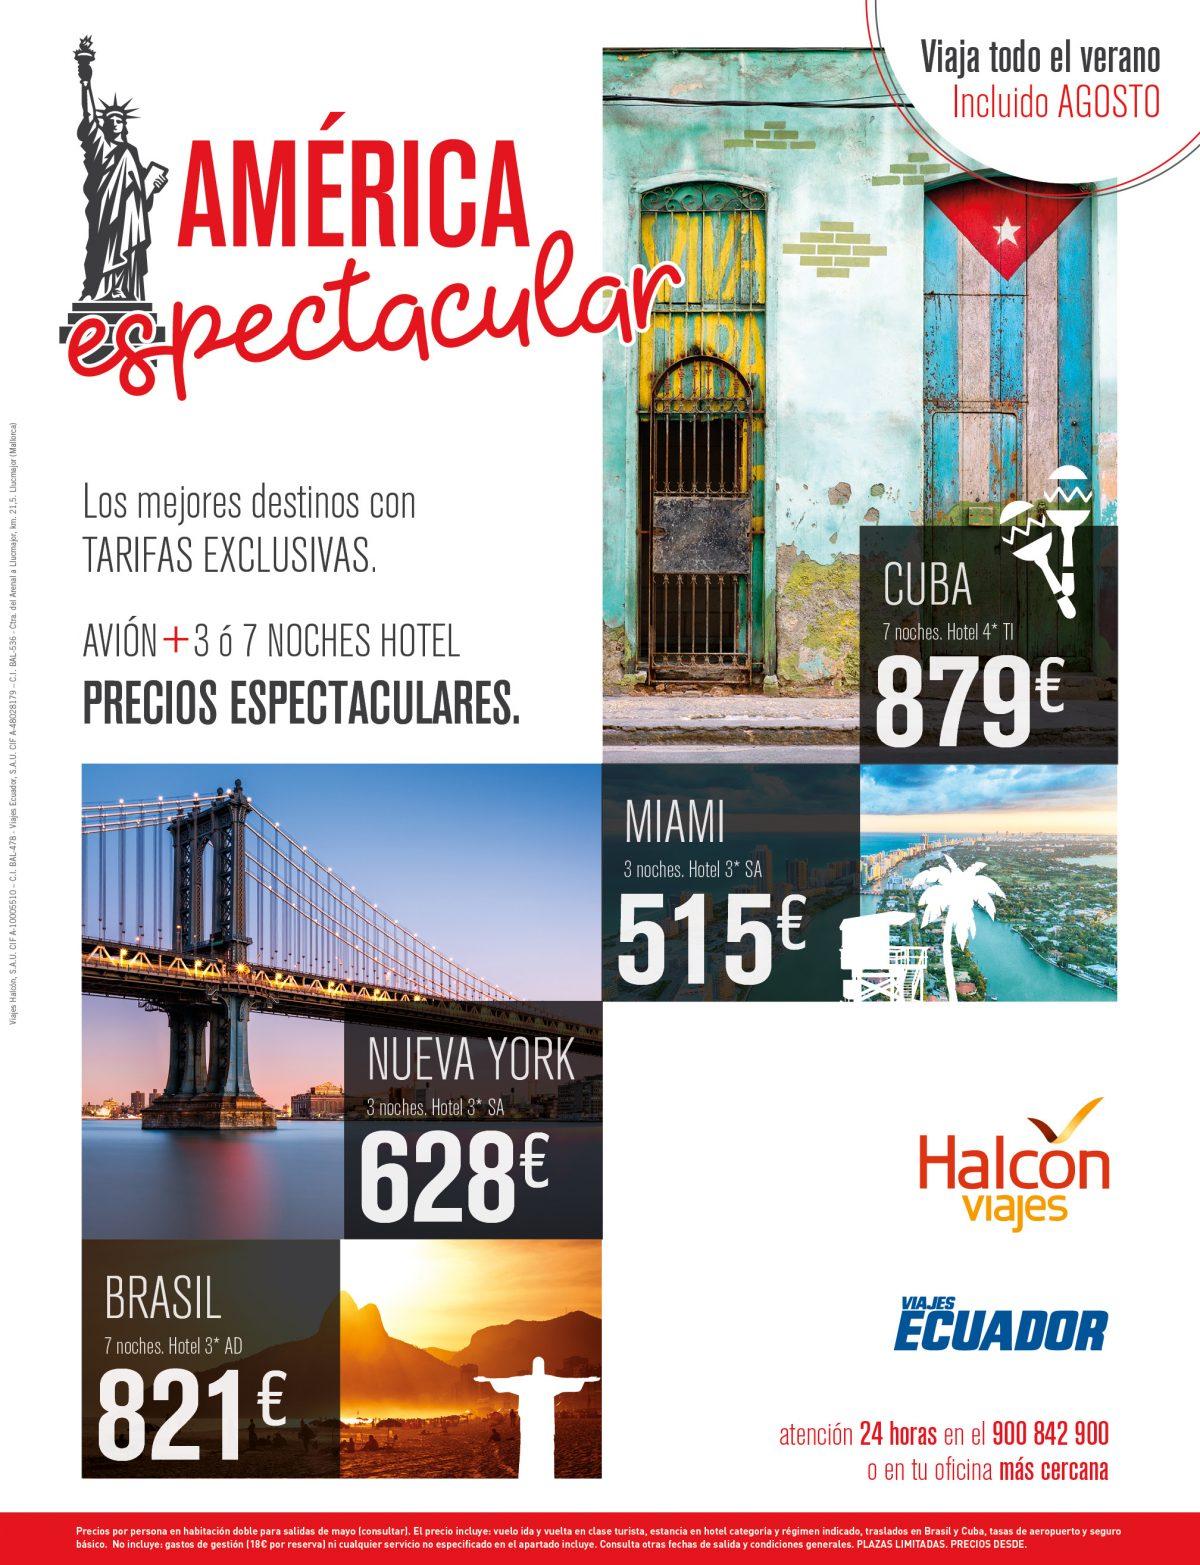 Halc n viajes lanza la campa a espectacular con m s de plazas a precios exclusivos - Oficinas viajes halcon ...